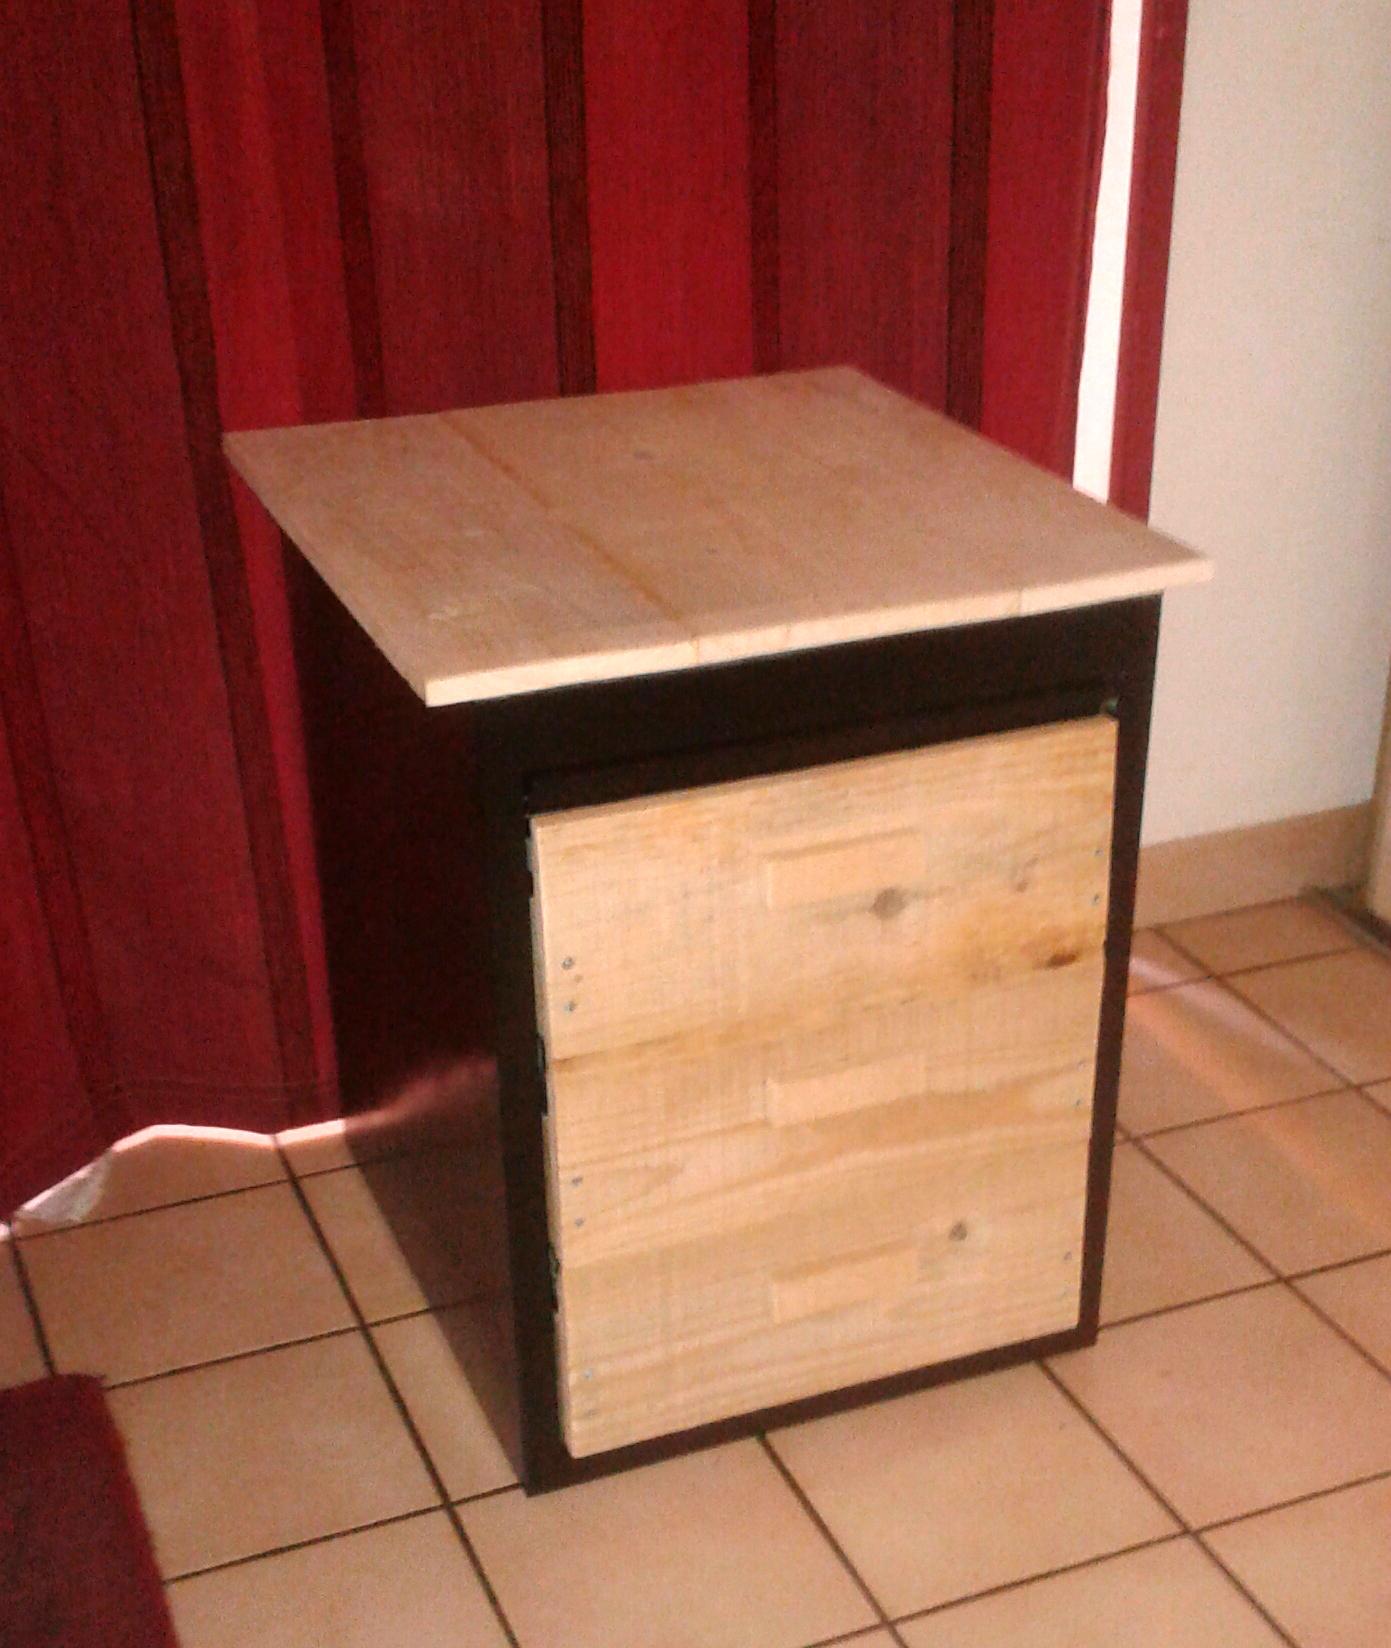 meuble touret interesting un touret retaper with meuble touret idee relooking meuble ides sur. Black Bedroom Furniture Sets. Home Design Ideas